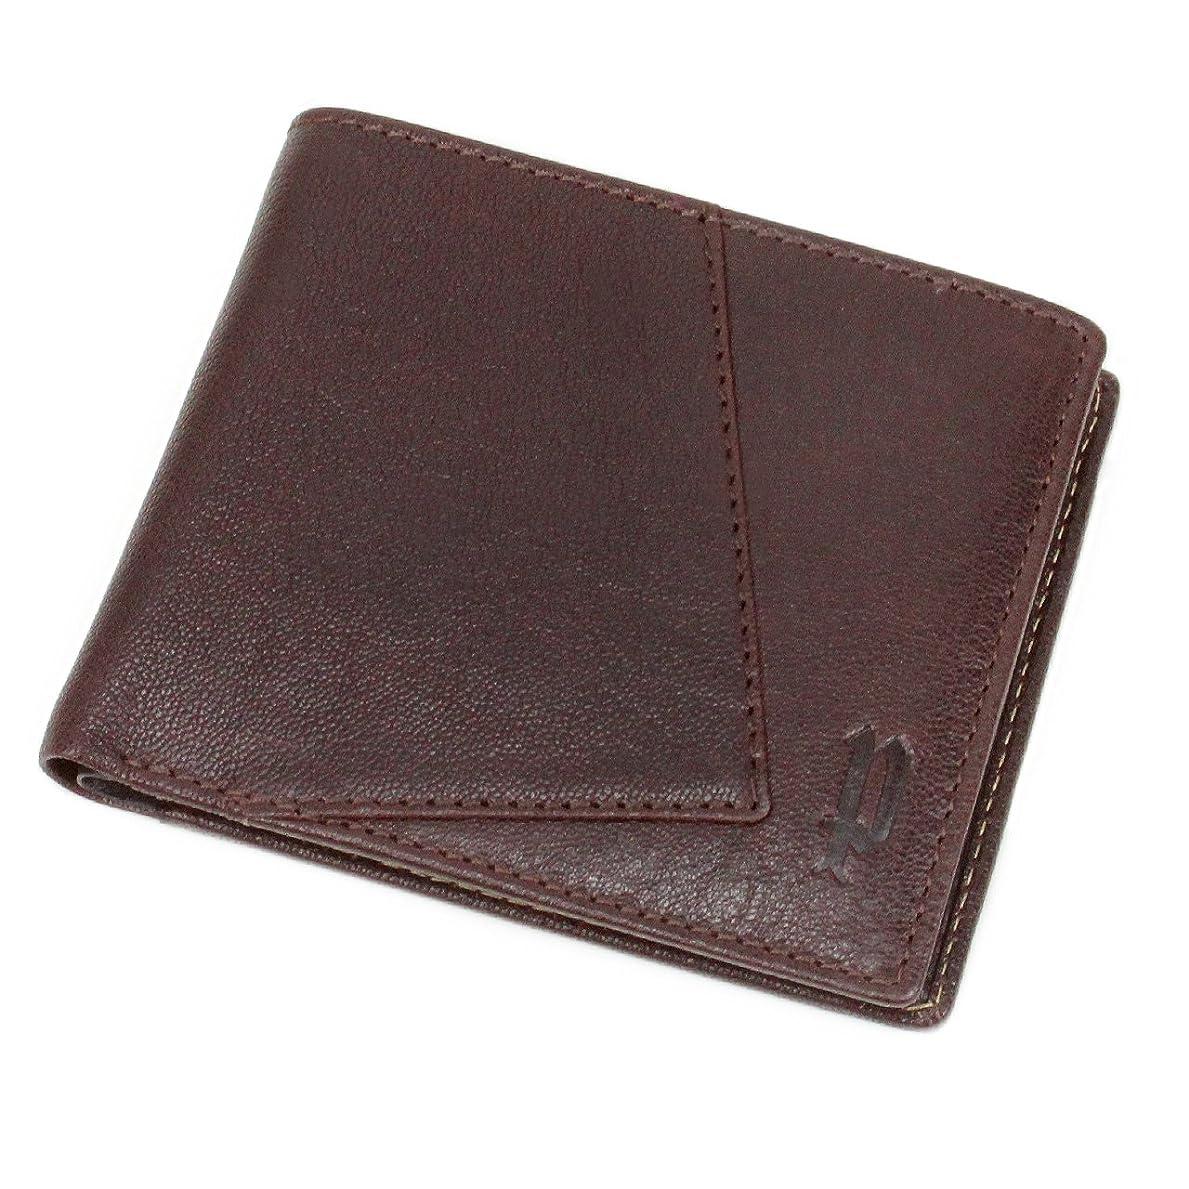 にはまってアミューズ気味の悪い[POLICE(ポリス)] 二つ折り財布 小銭入れあり ティピコ PA-59701